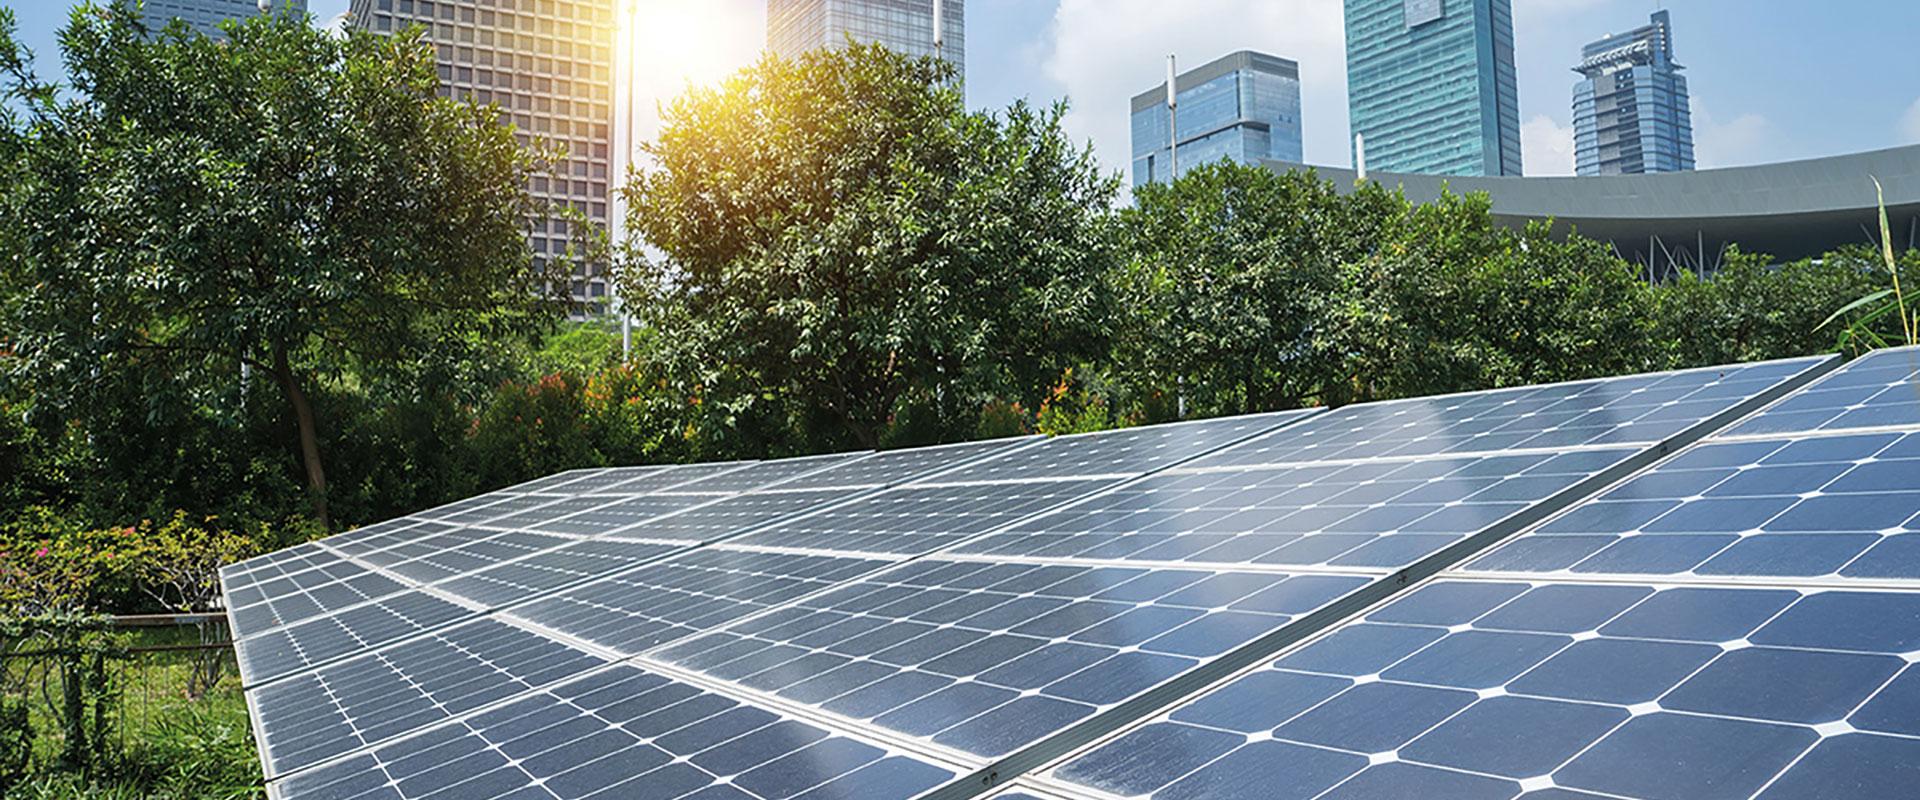 impianto fotovoltaico di ricci sas